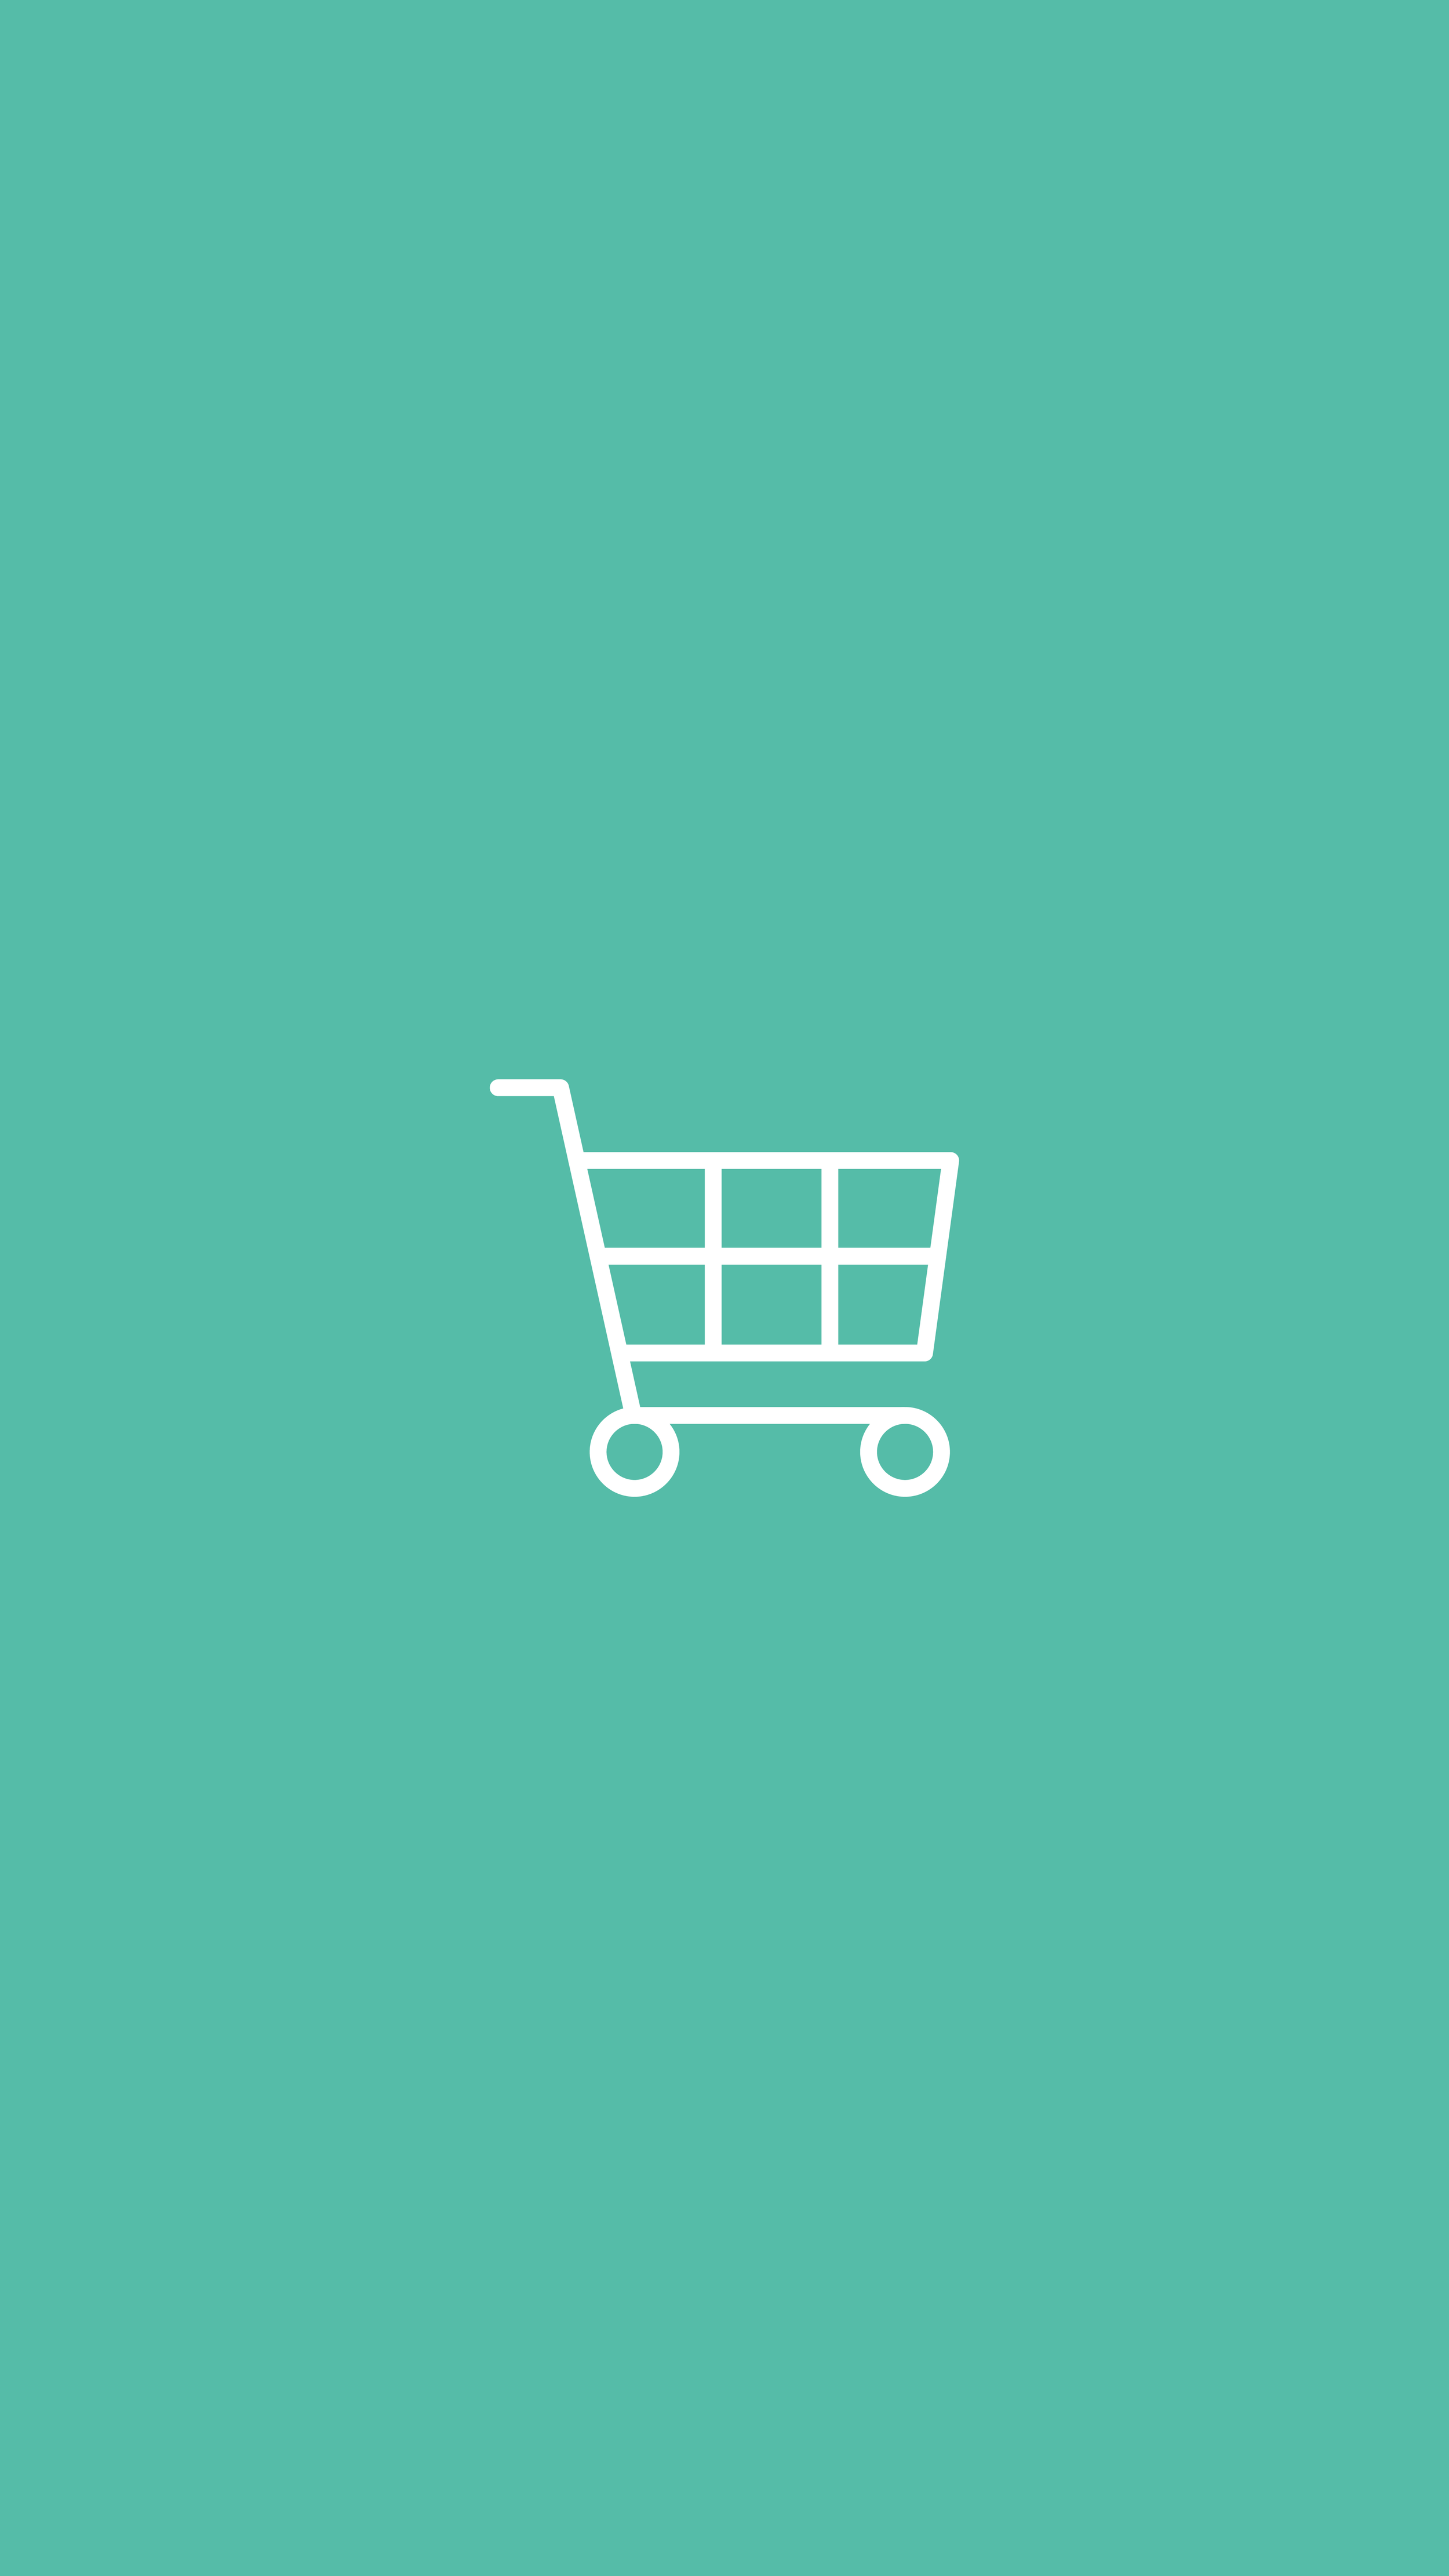 Shopping, Haul, Cart